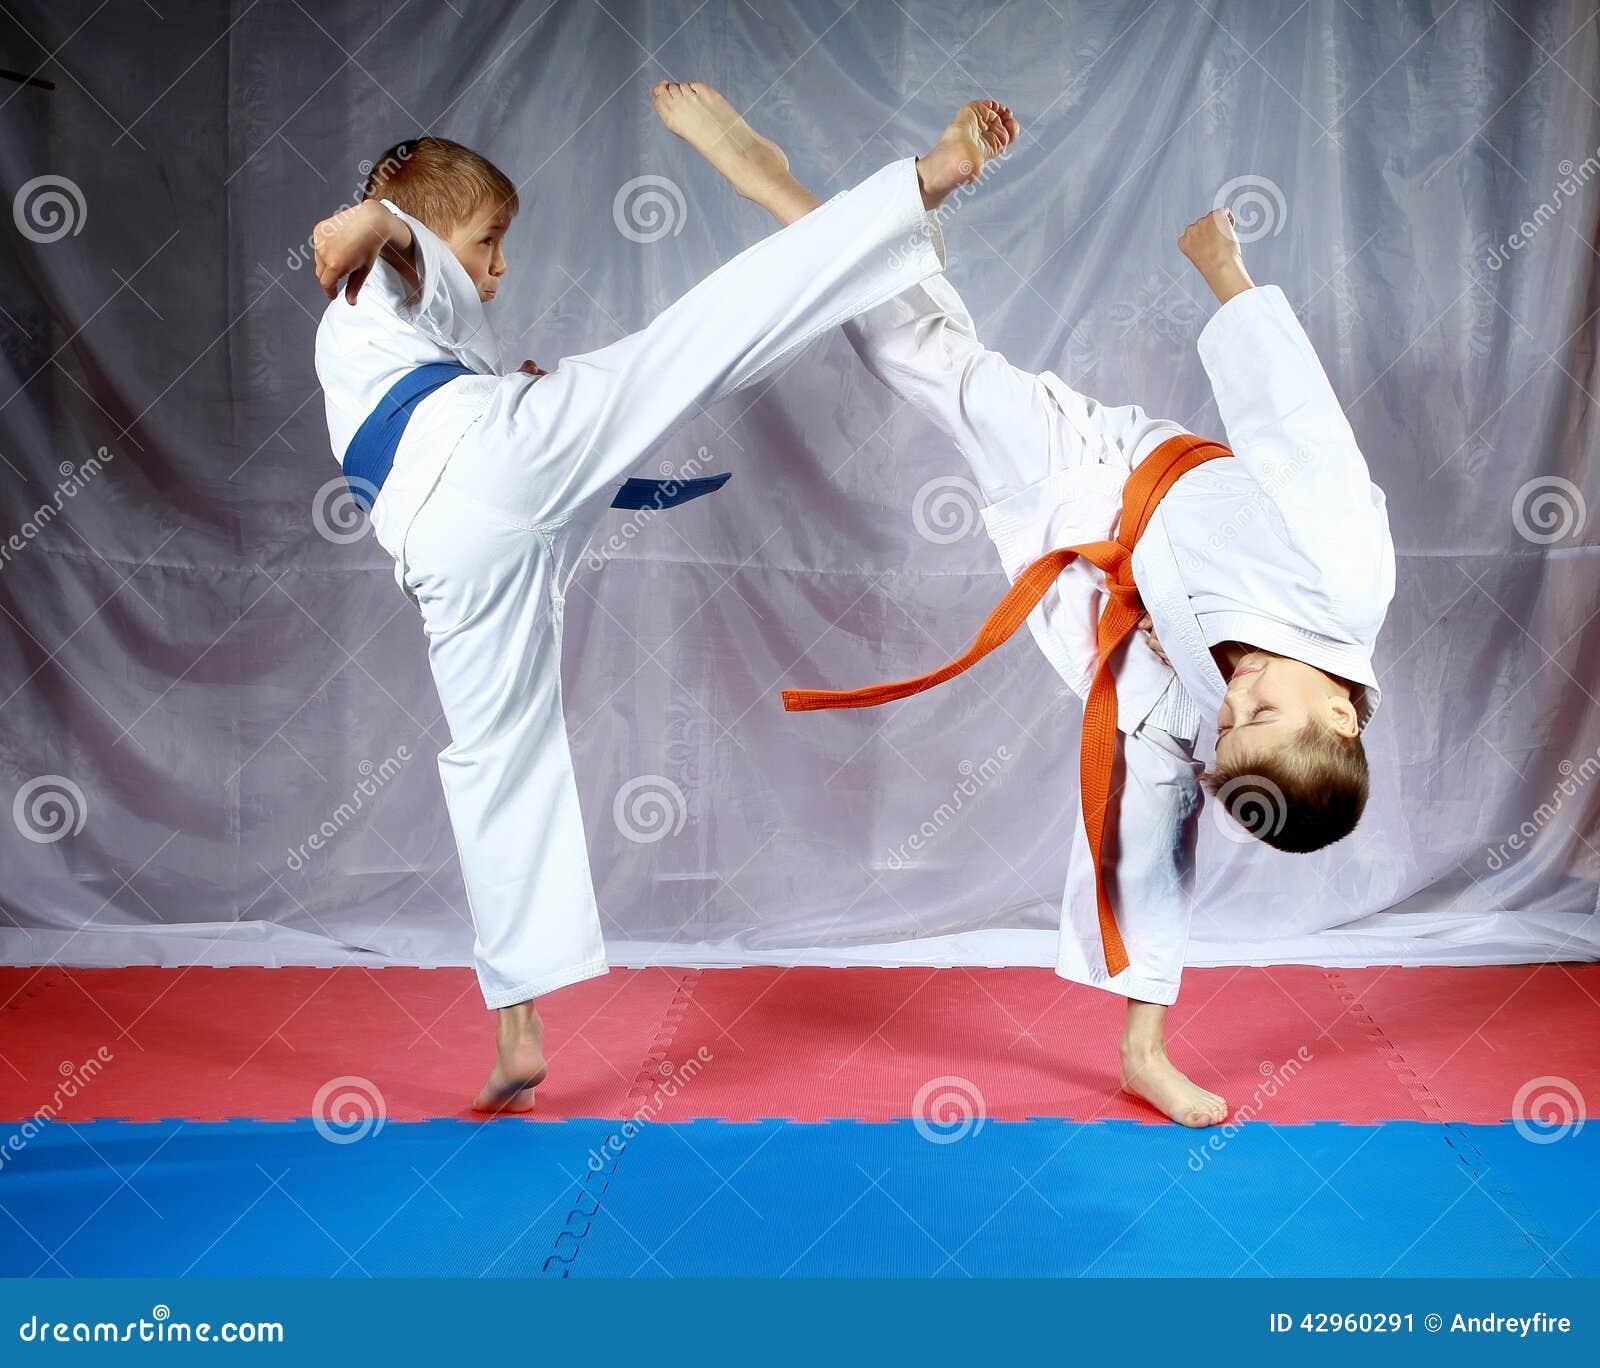 Las piernas de los soplos para encontrarse están batiendo a atletas en karategi